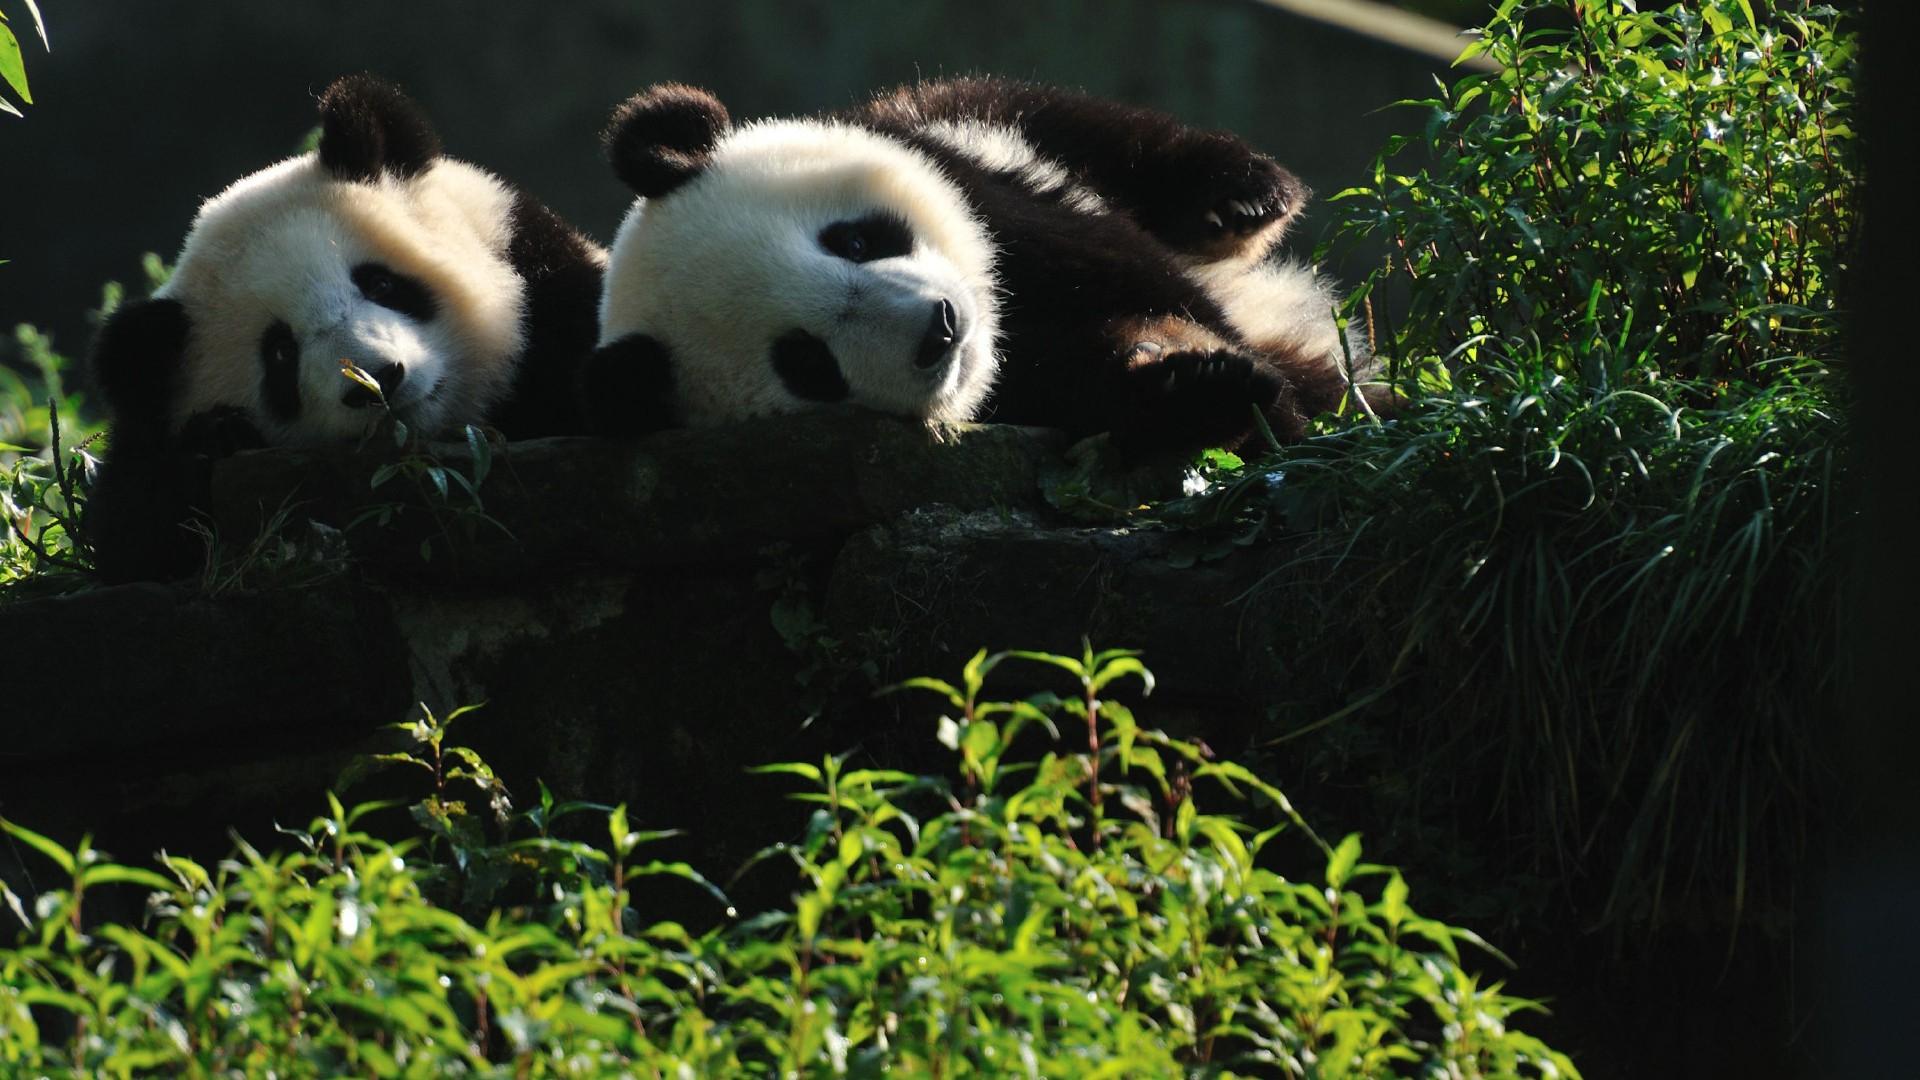 可爱大熊猫高清桌面壁纸(1/10)